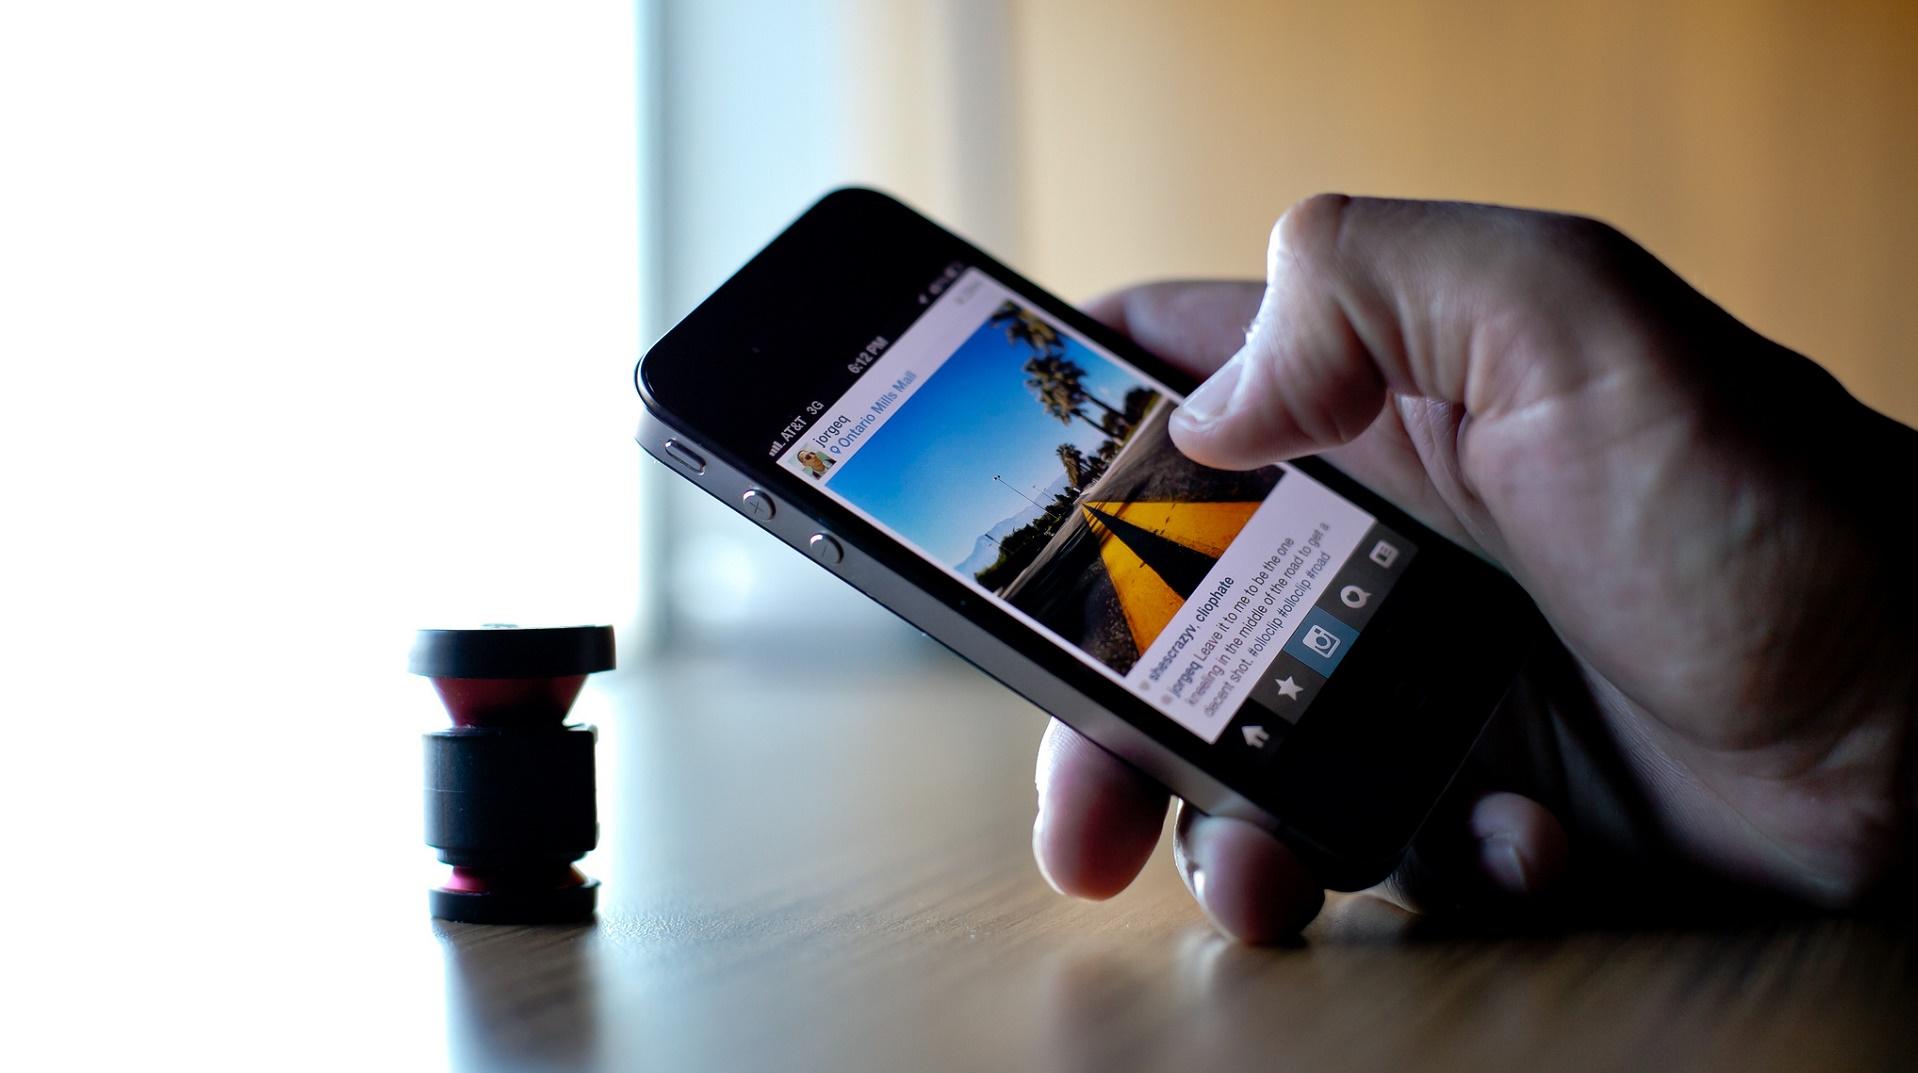 El tráfico web procedente de smartphones ya supera al de ordenadores